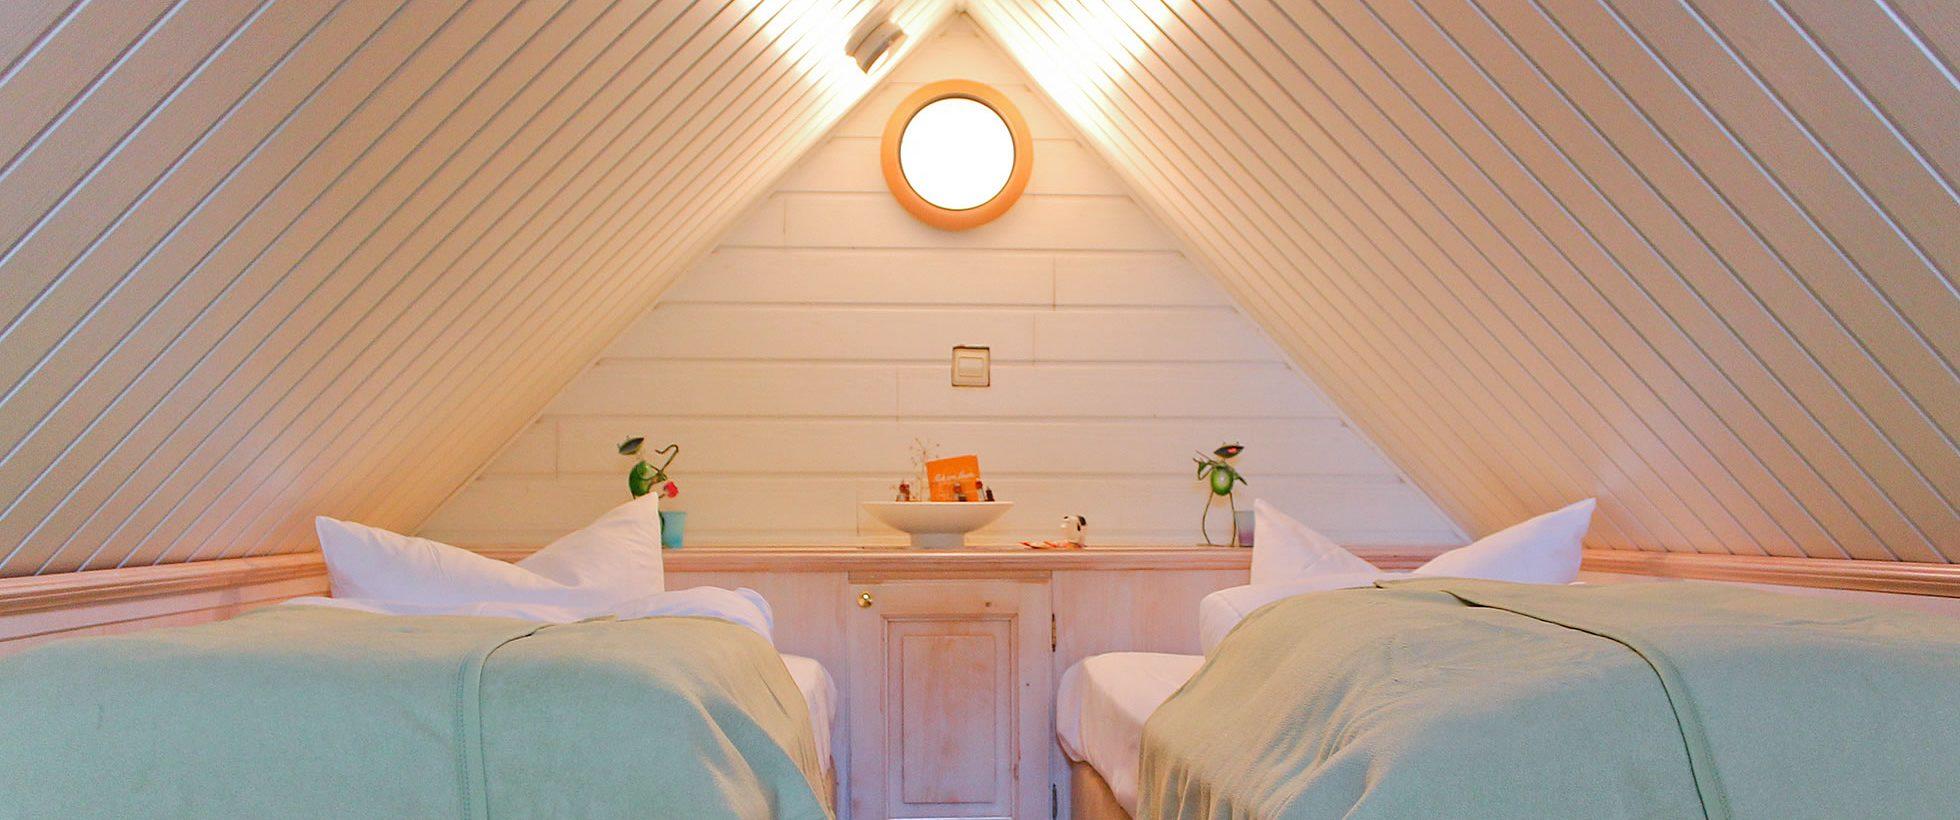 Gästehaus Bergfalke in Ahrenshoop, romantischer Kinderschlafraum unterm Dach